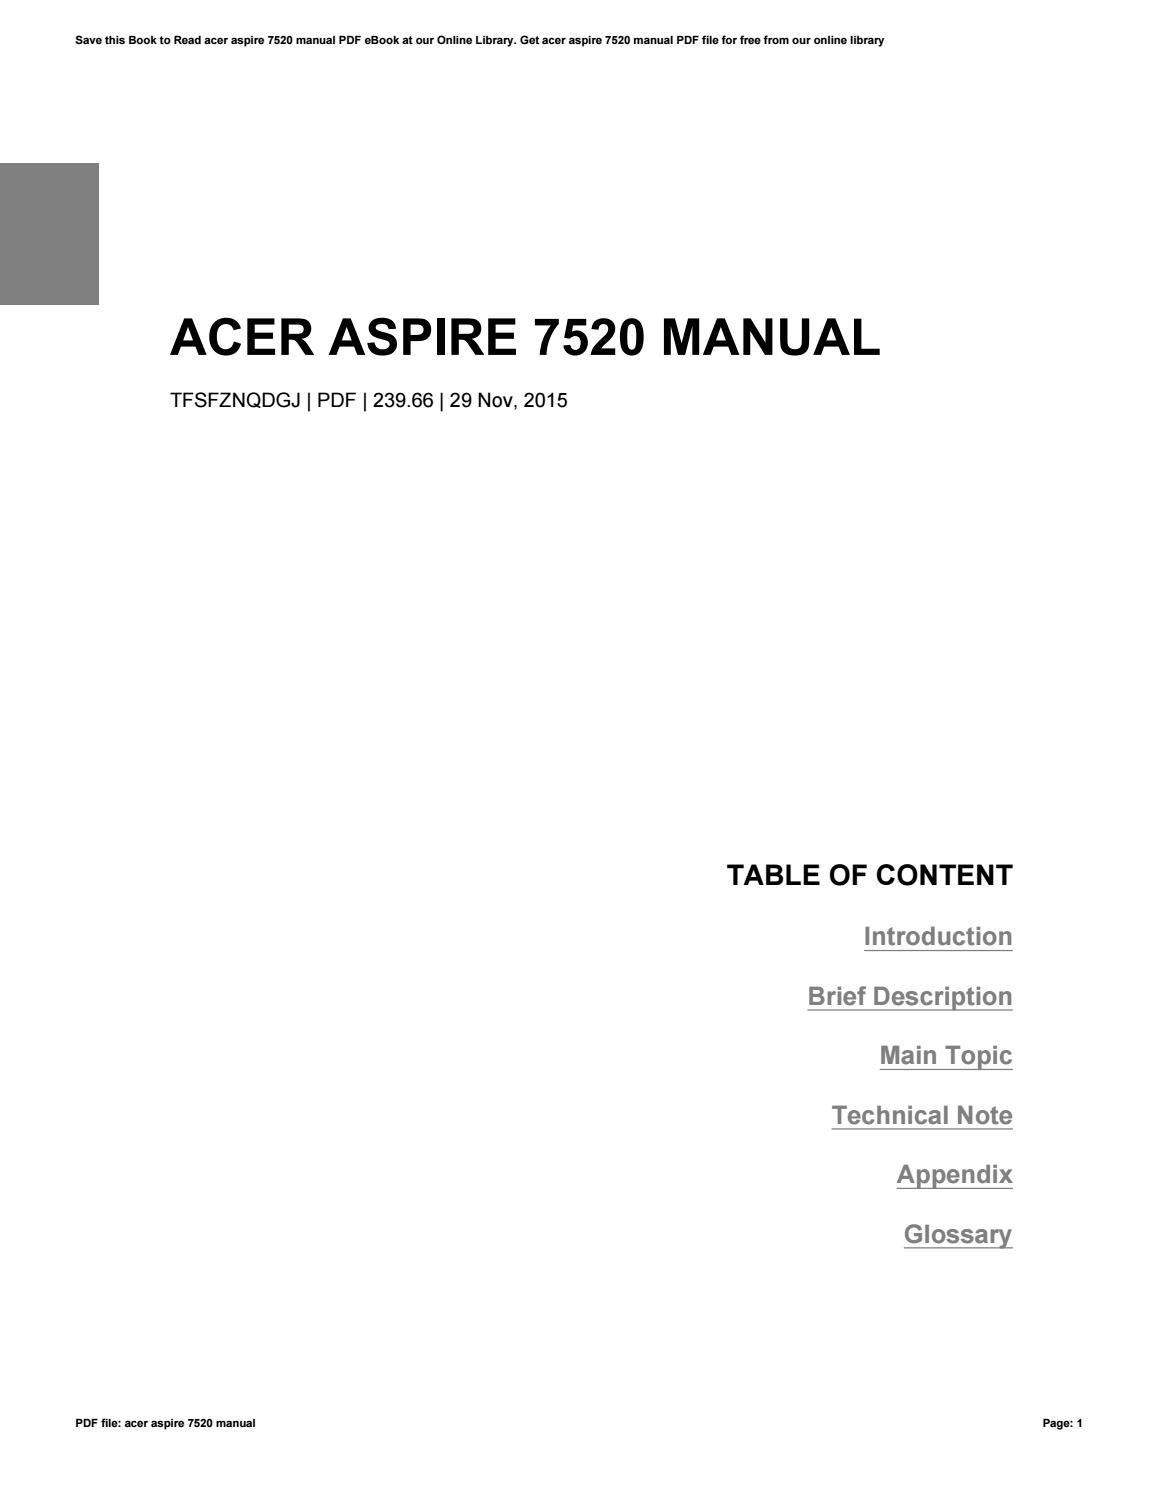 acer aspire 7520 manual by amberbaur2858 issuu rh issuu com